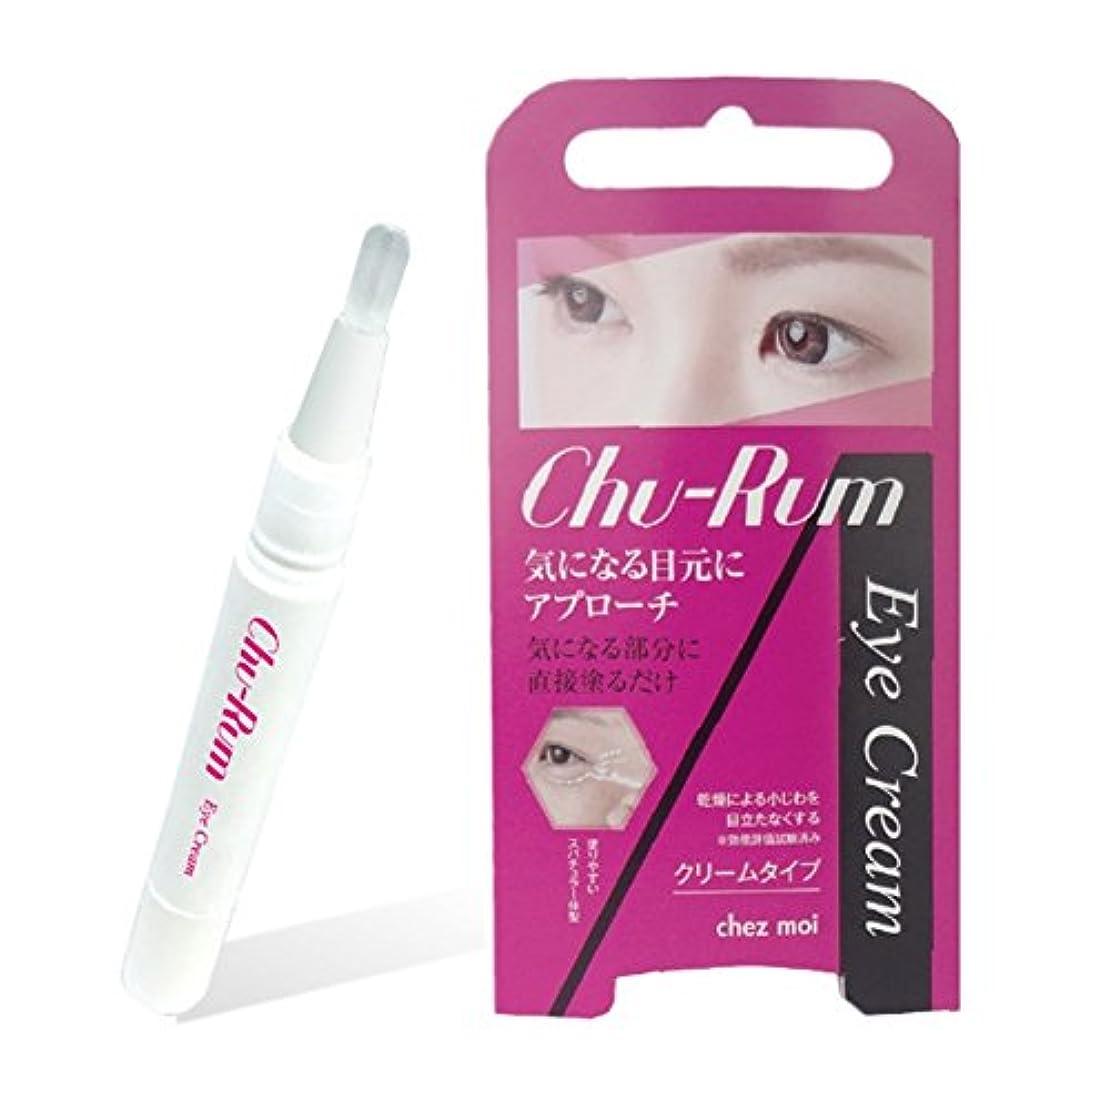 潮童謡水曜日シェモア Chu-Rum(チュルム) Eye Cream(アイクリーム)